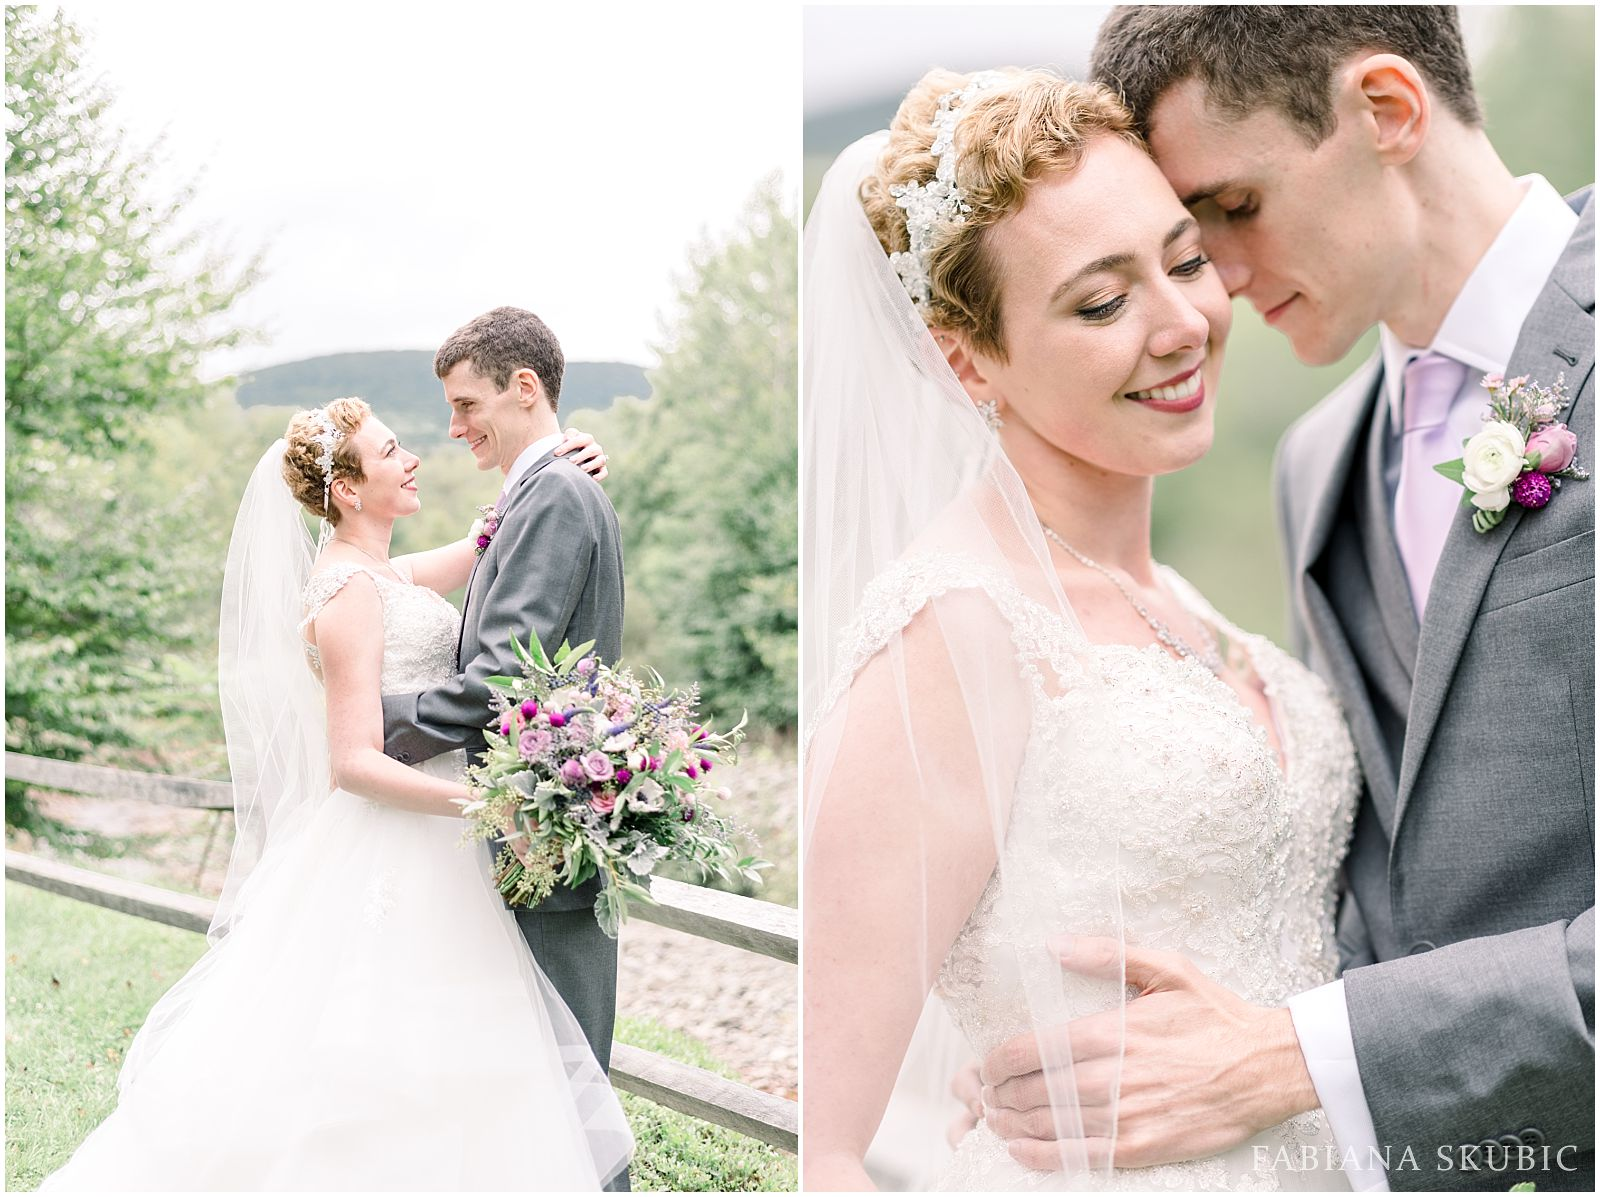 FabianaSkubic_J&M_FullMoonResort_Wedding_0035.jpg